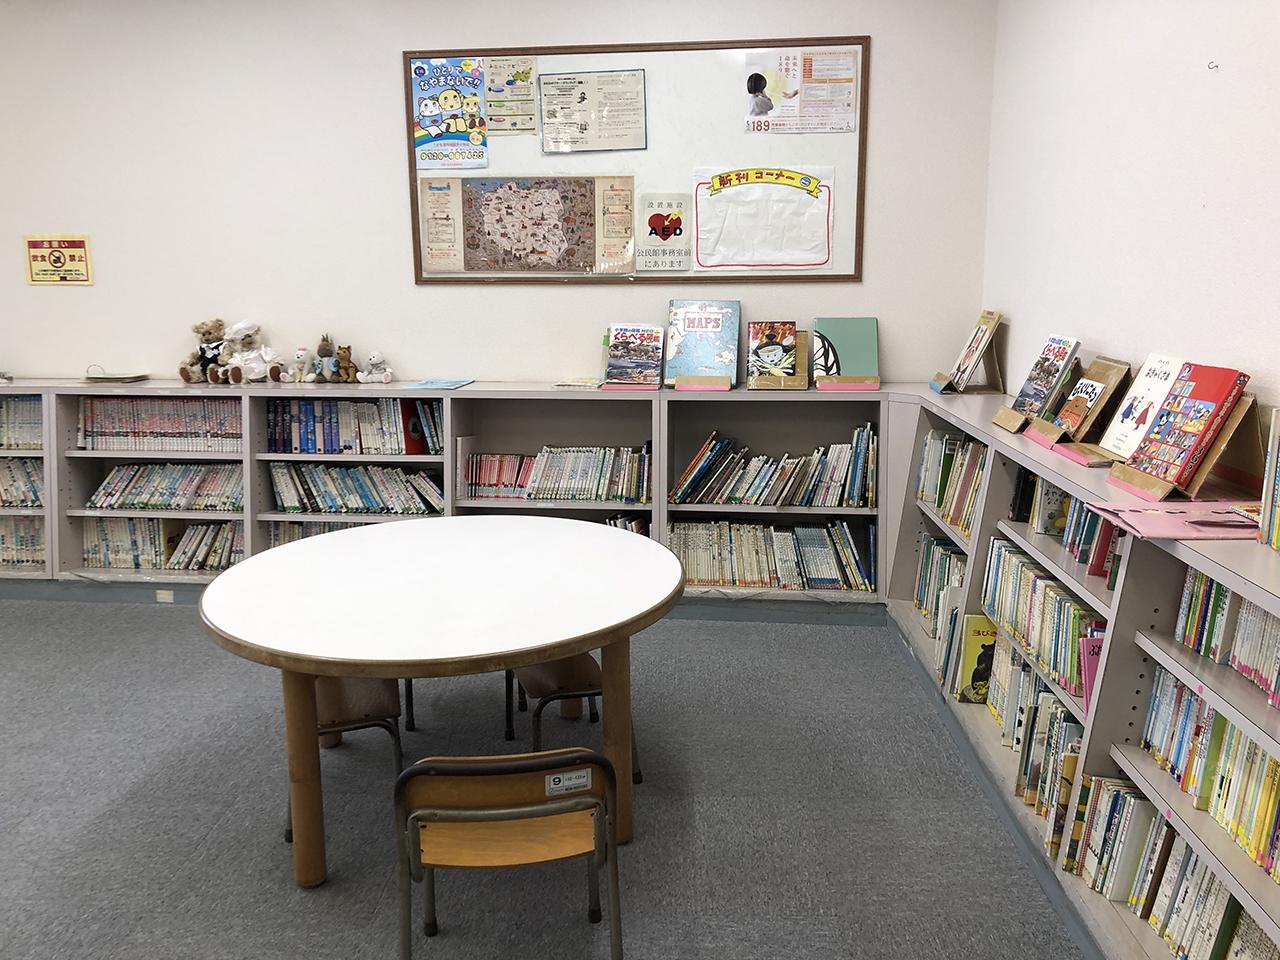 絵本や図鑑が並んだ本棚の写真